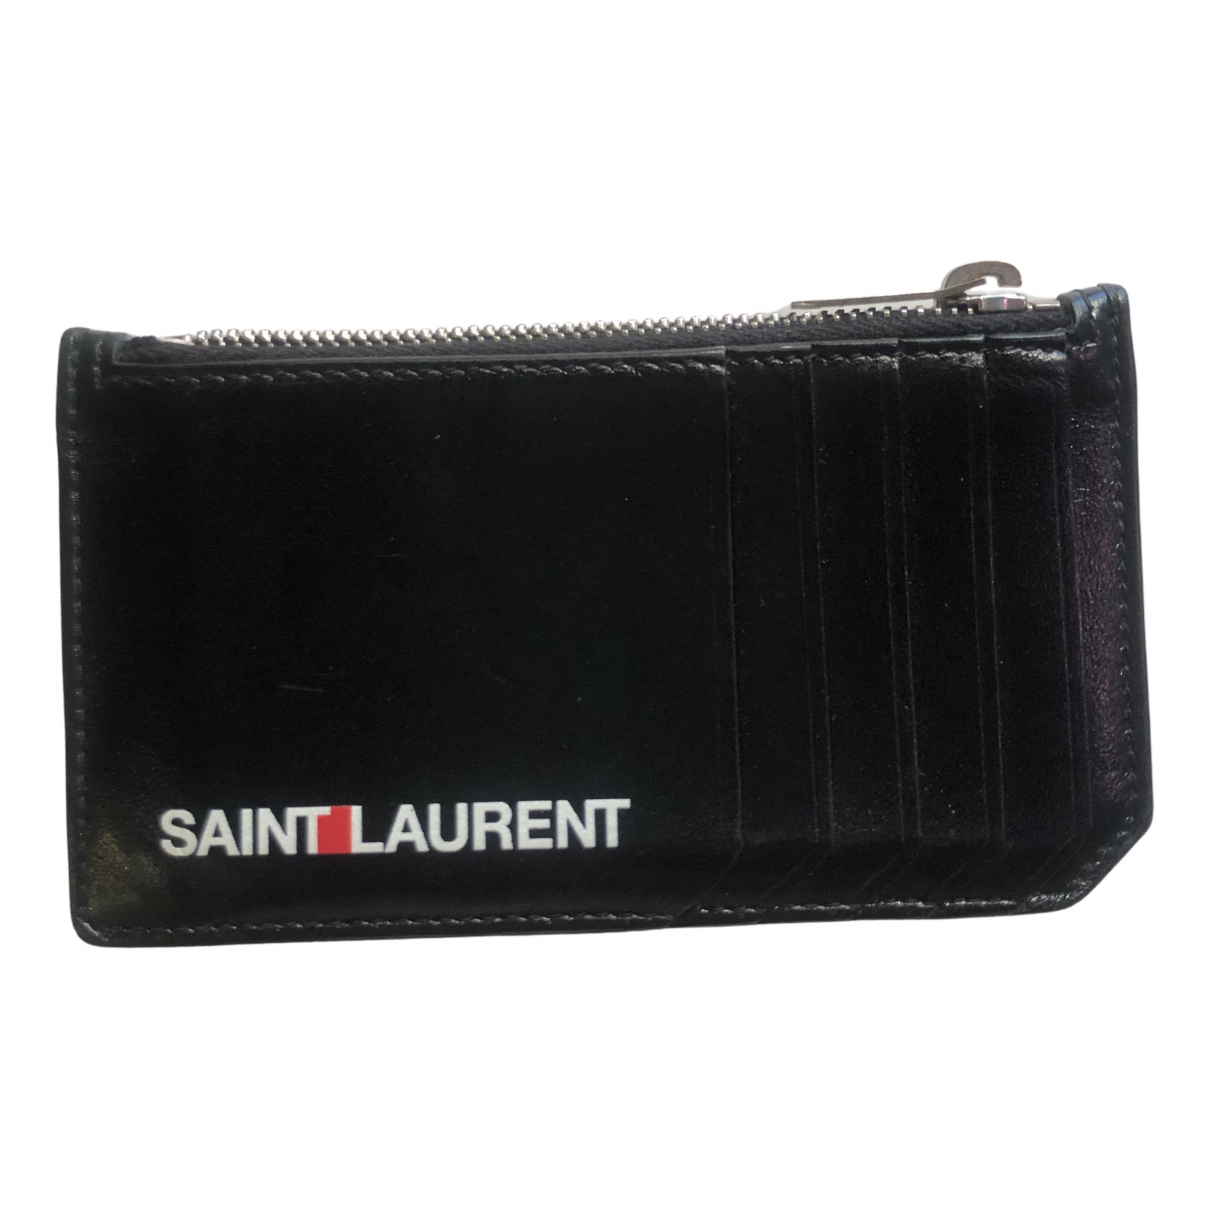 Saint Laurent N Black Leather Small bag, wallet & cases for Men N